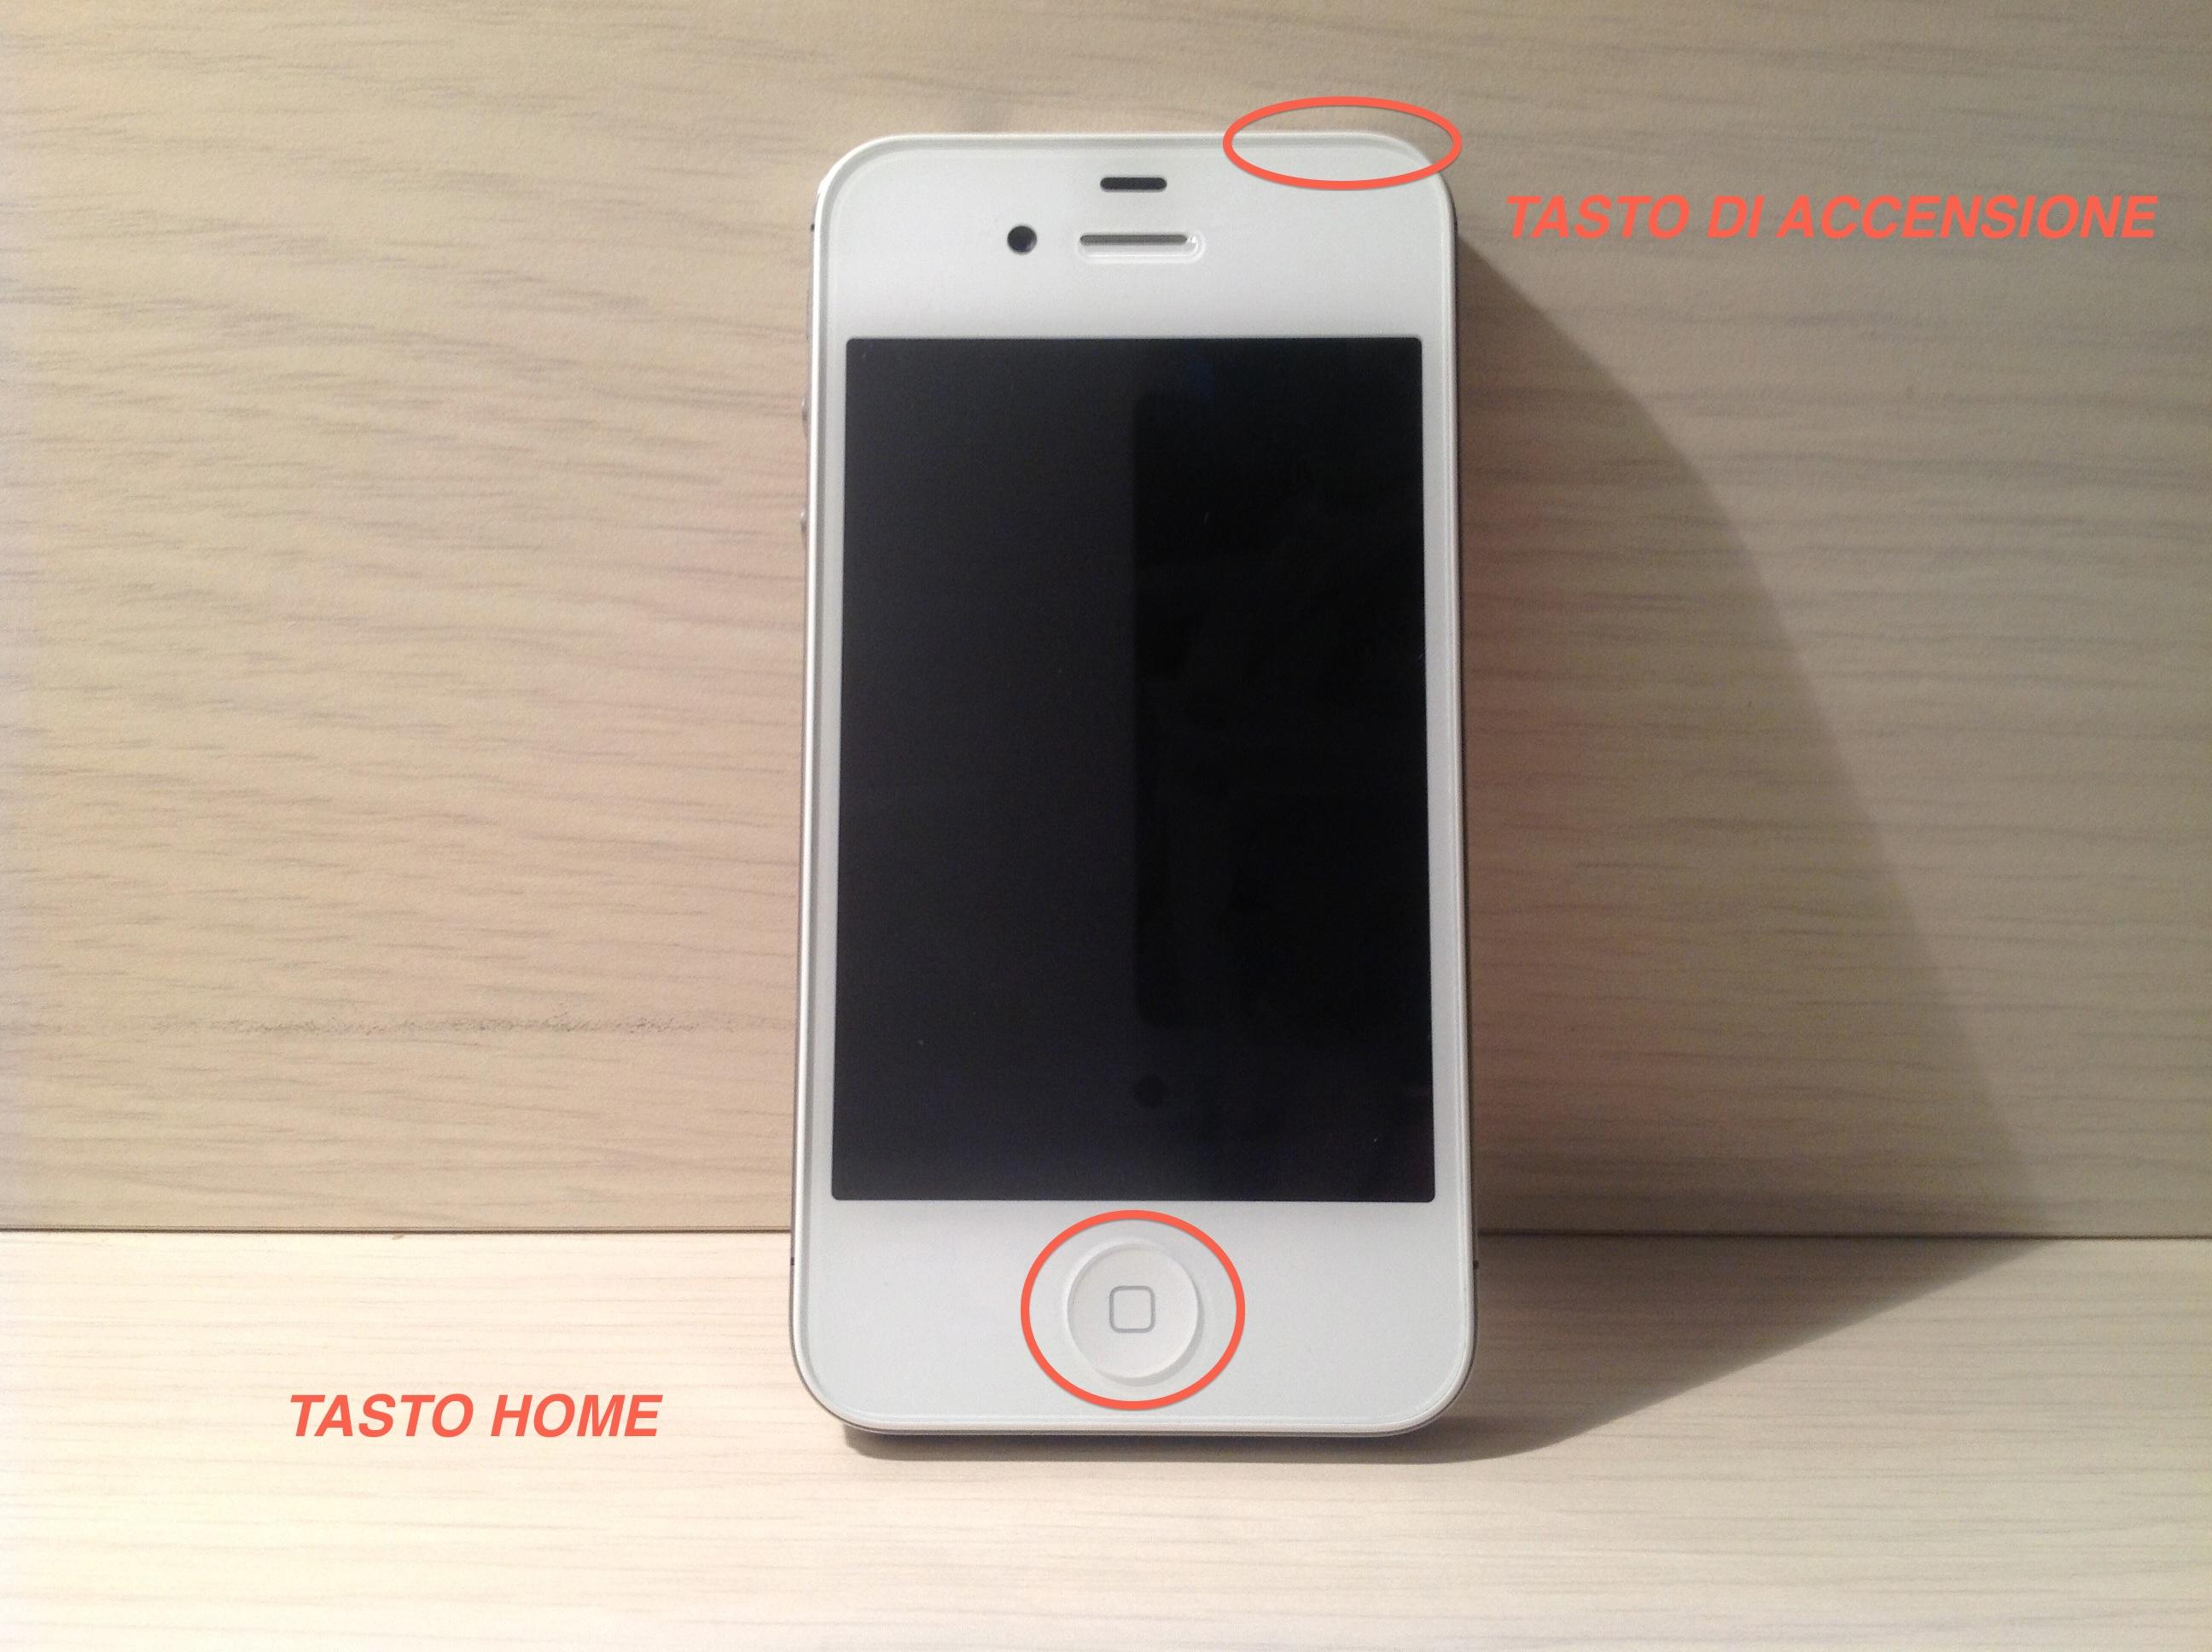 Mettere iphone in dfu senza tasti